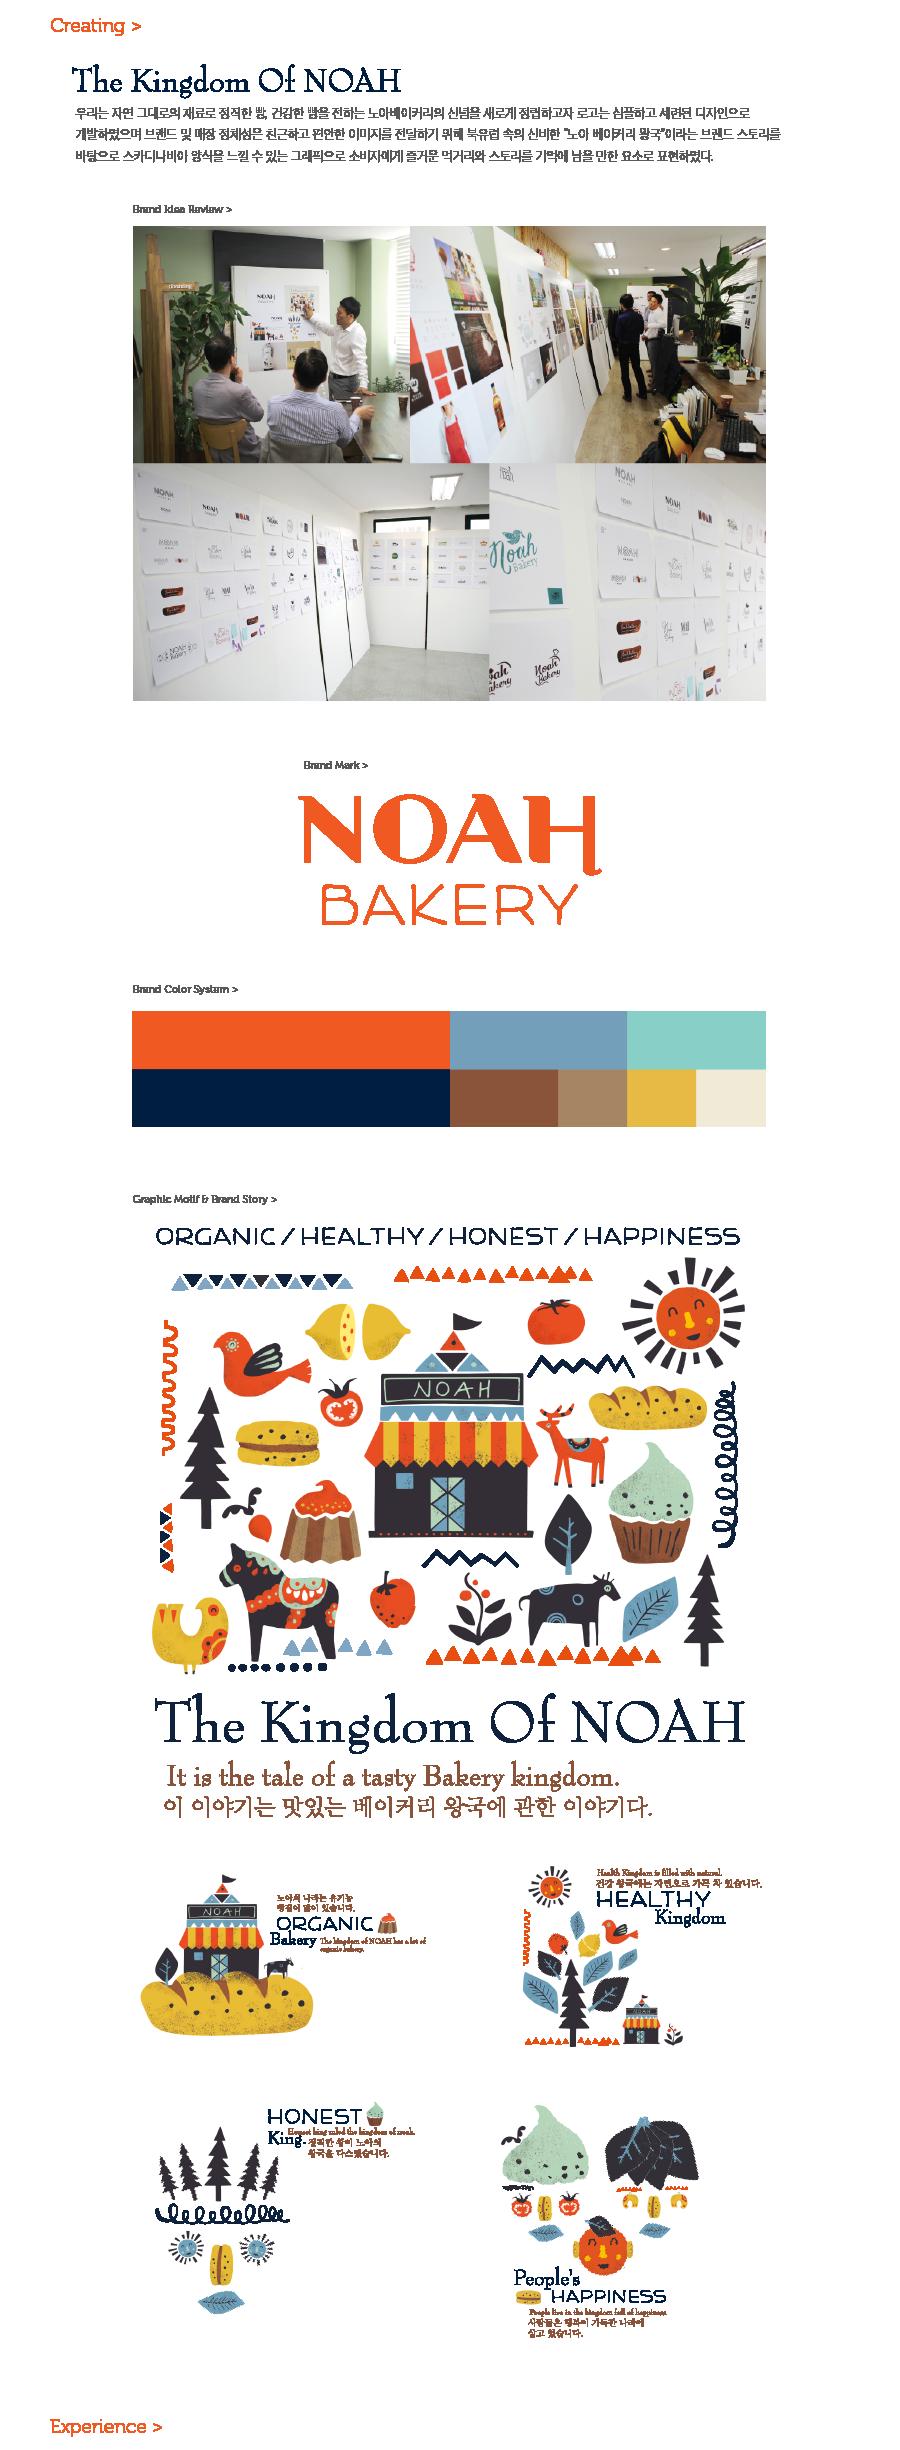 NOAH-Bakery-creating-900